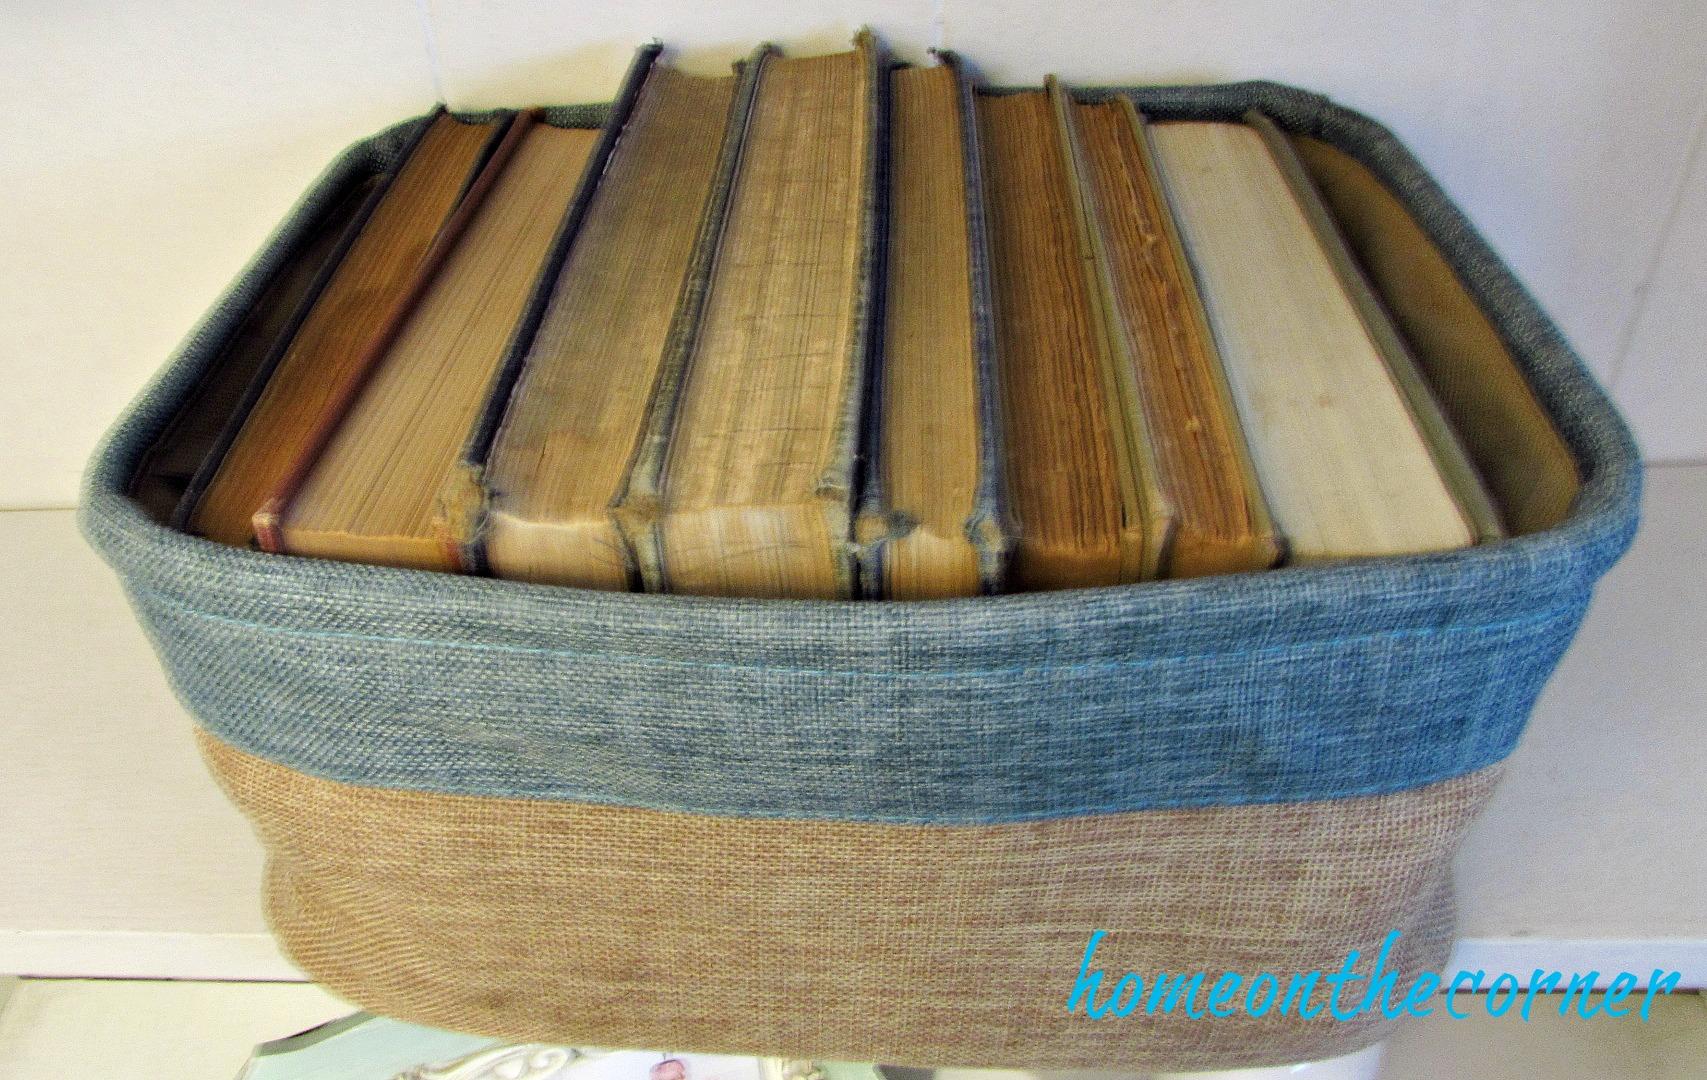 family room shelves, basket of old books